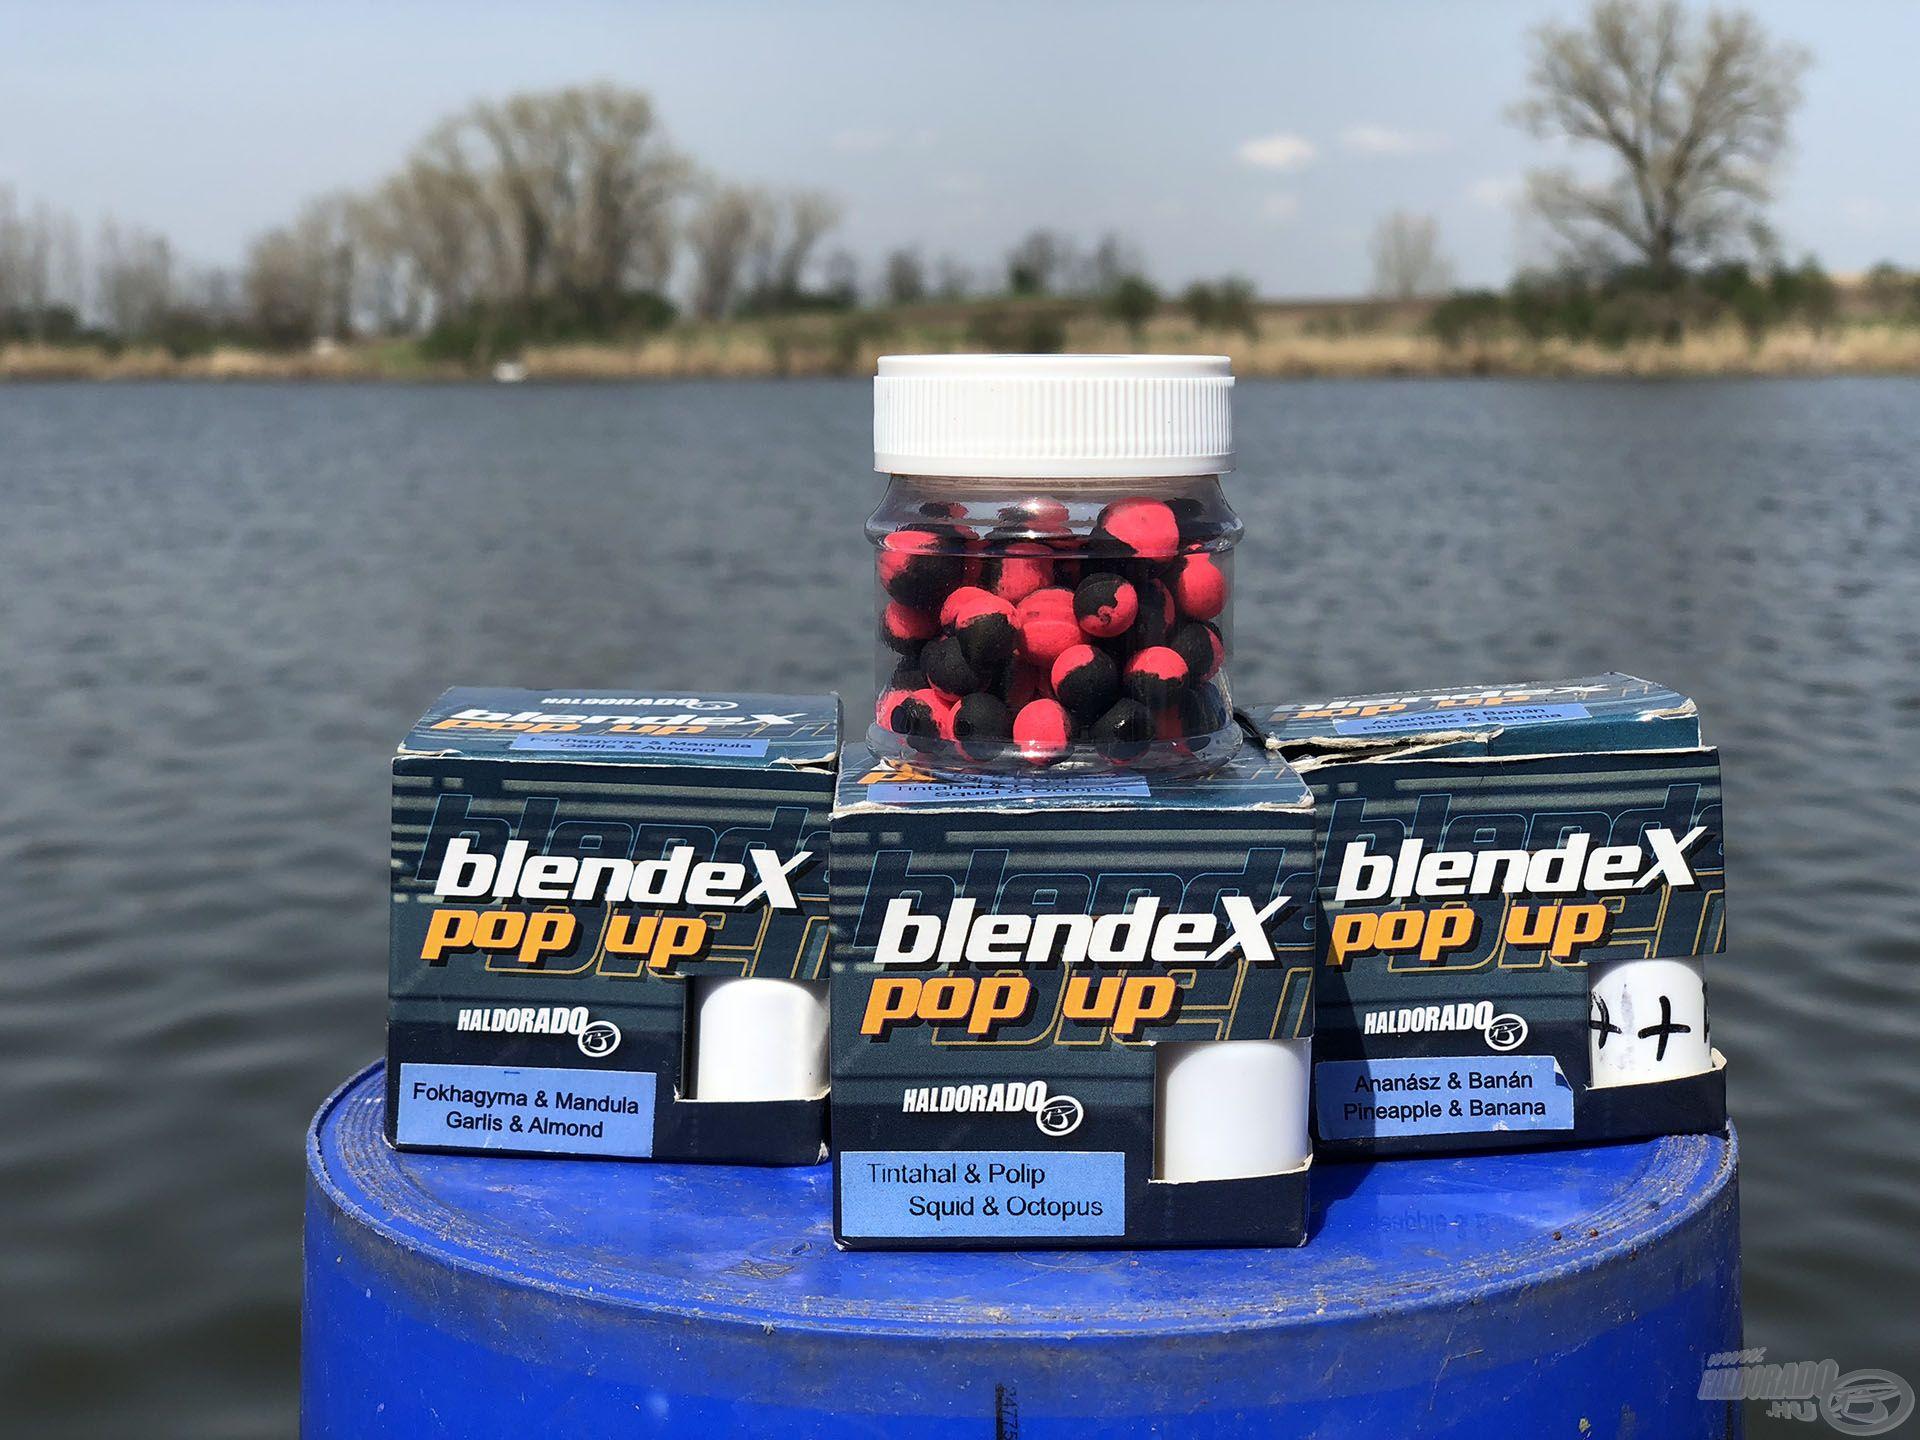 A nyerő csali a HALDORÁDÓ BlendeX Pop Up Method - Tintahal & Polip ízesítésű volt